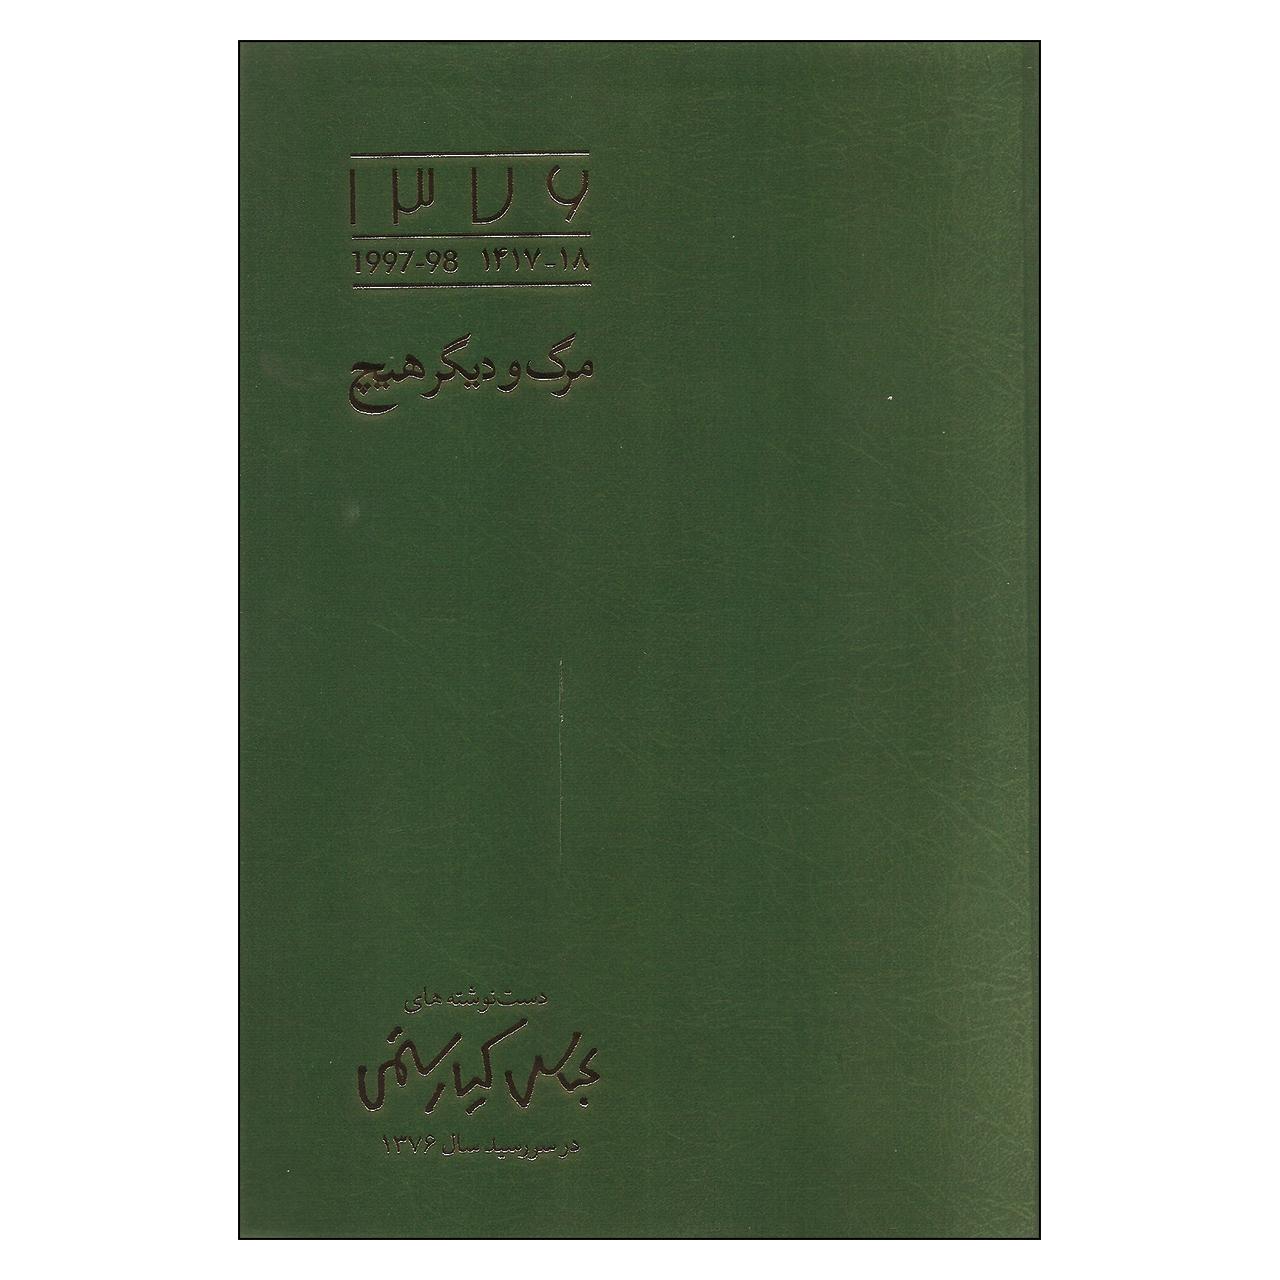 خرید                      کتاب مرگ و دیگر هیچ اثر عباس کیارستمی انتشارات نظر